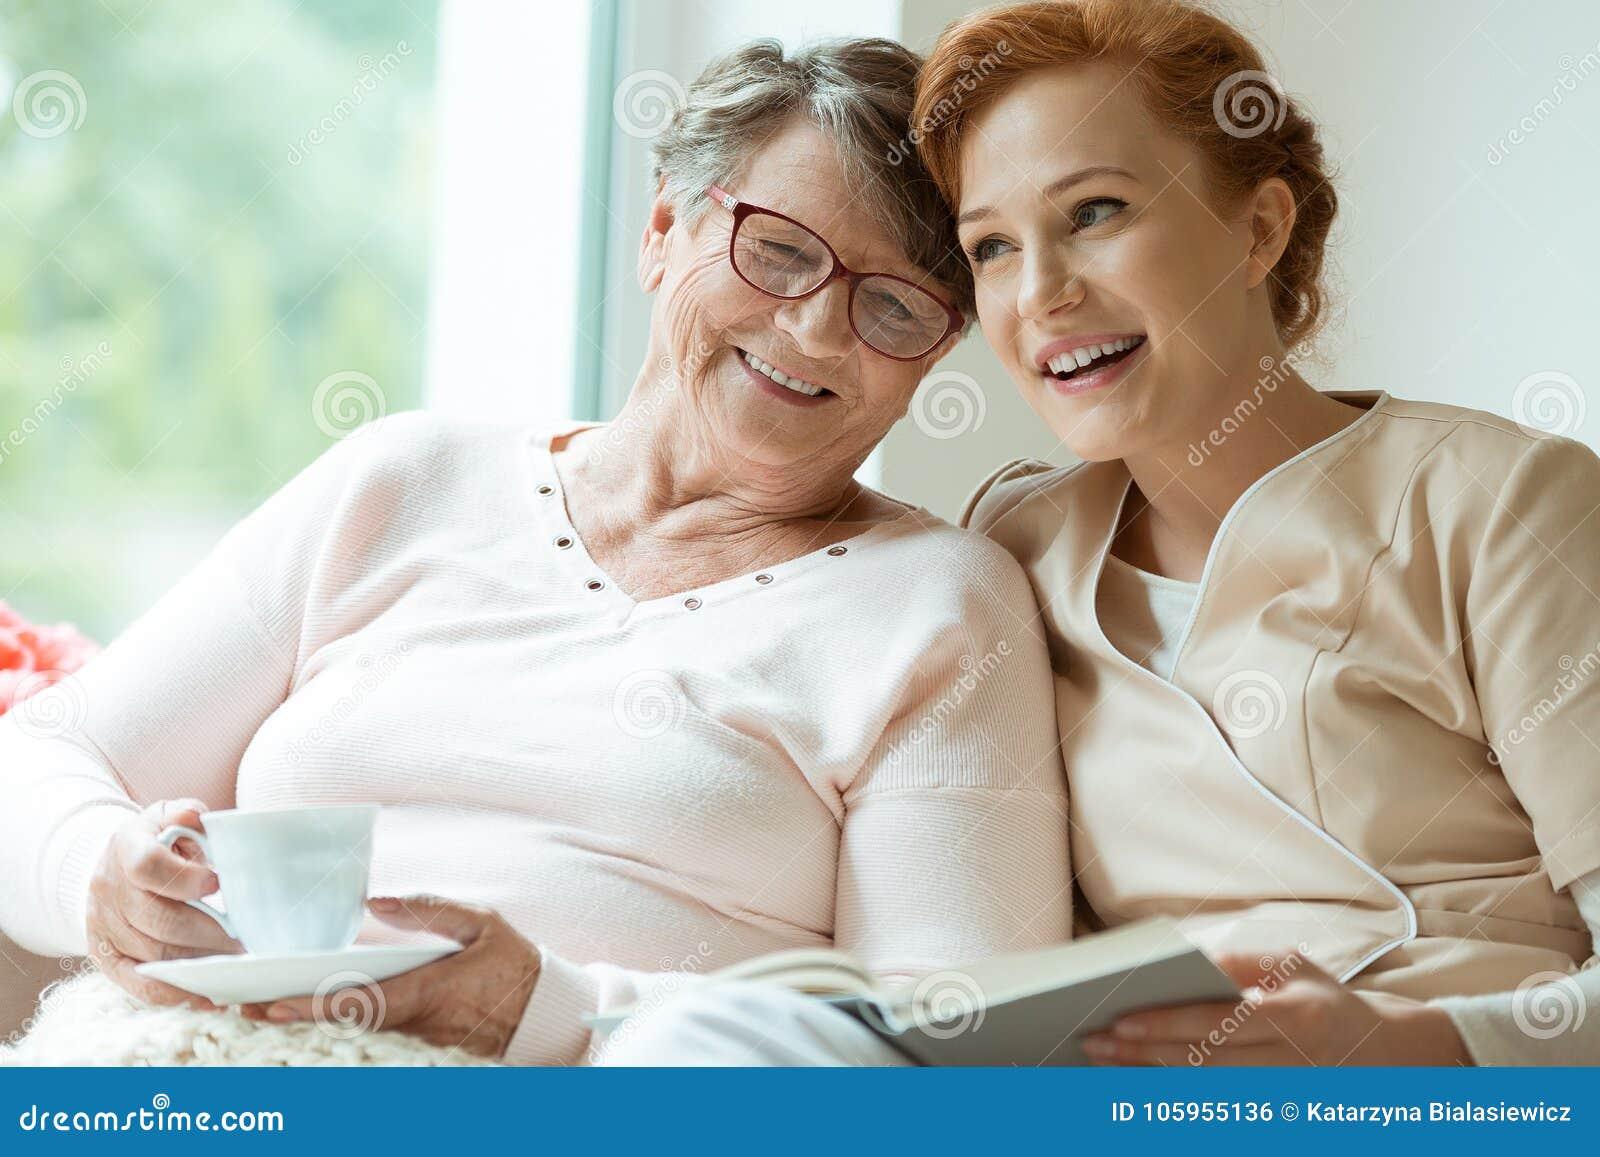 Νέα νοσοκόμα και παλαιότερος ασθενής